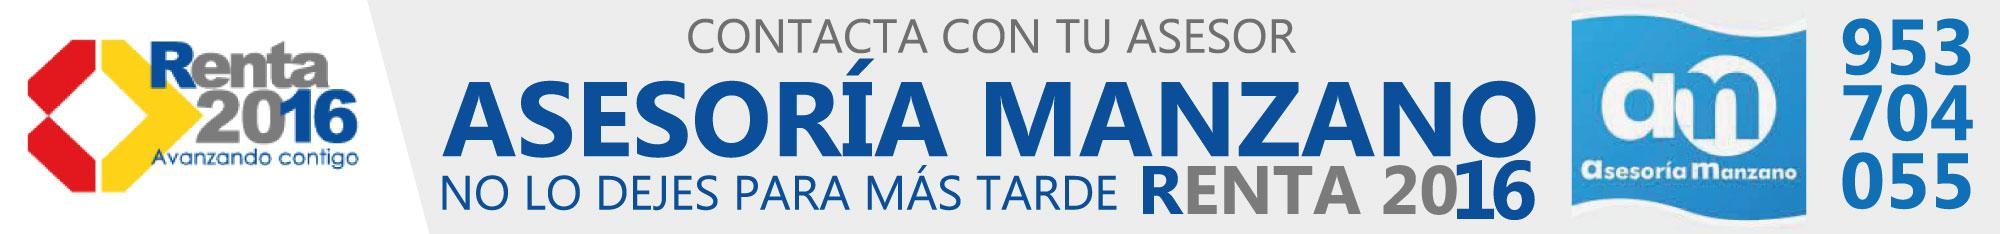 Renta Asesoría Manzano